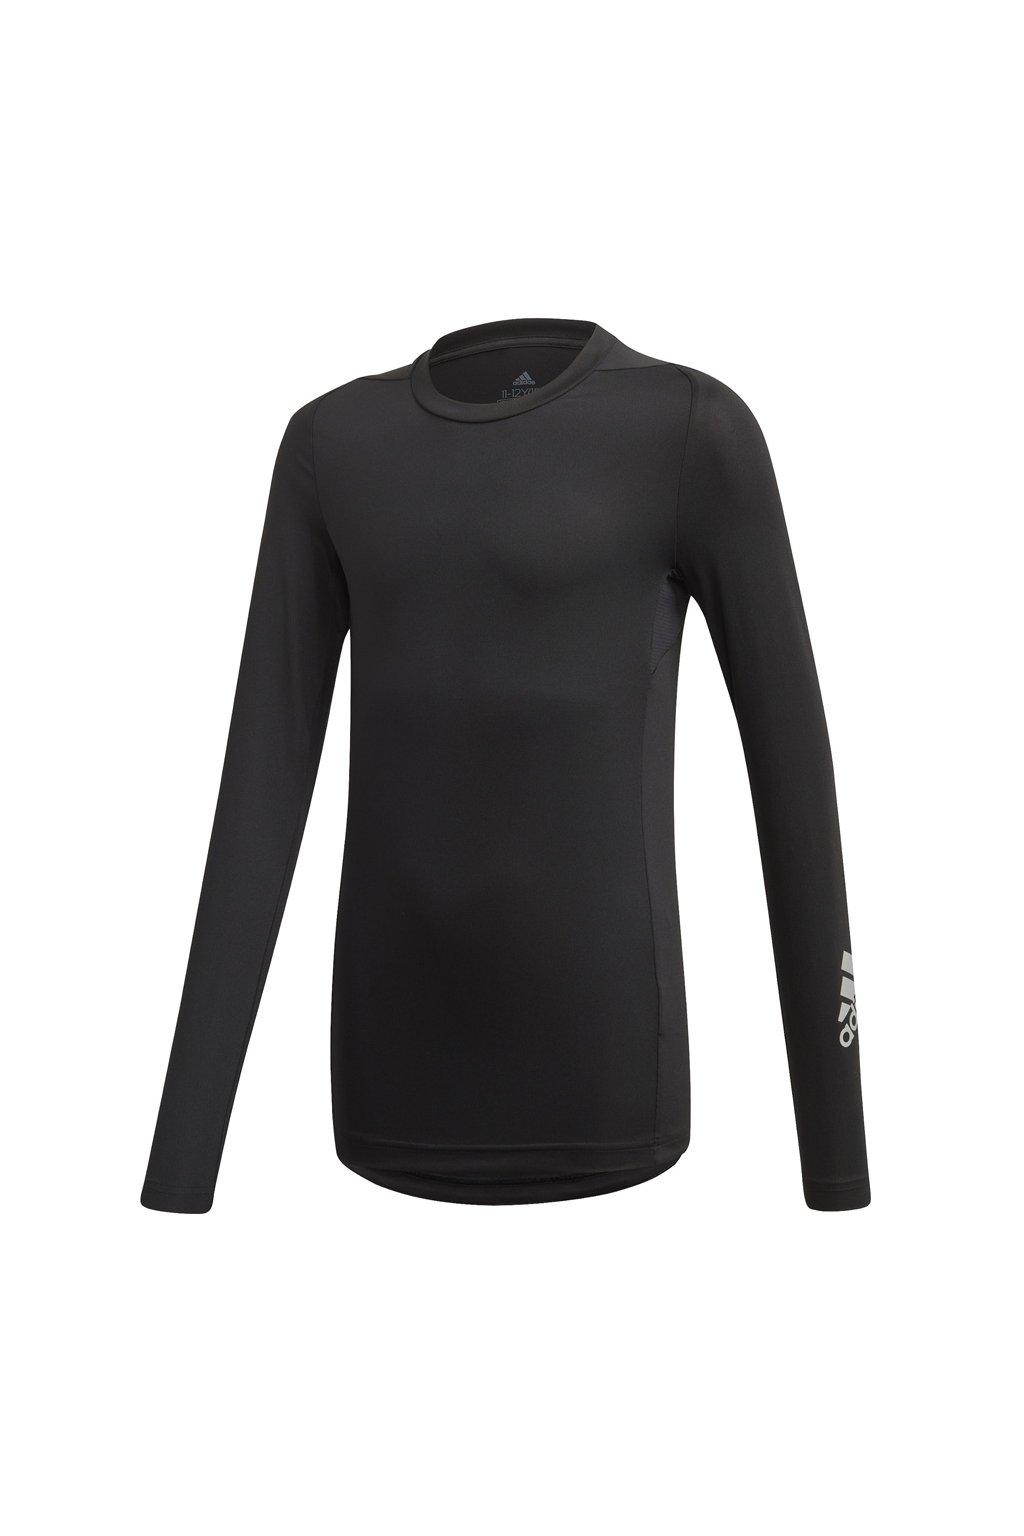 Chlapčenské kompresné tričko adidas Jb Ask Spr Ls čierne FL1339